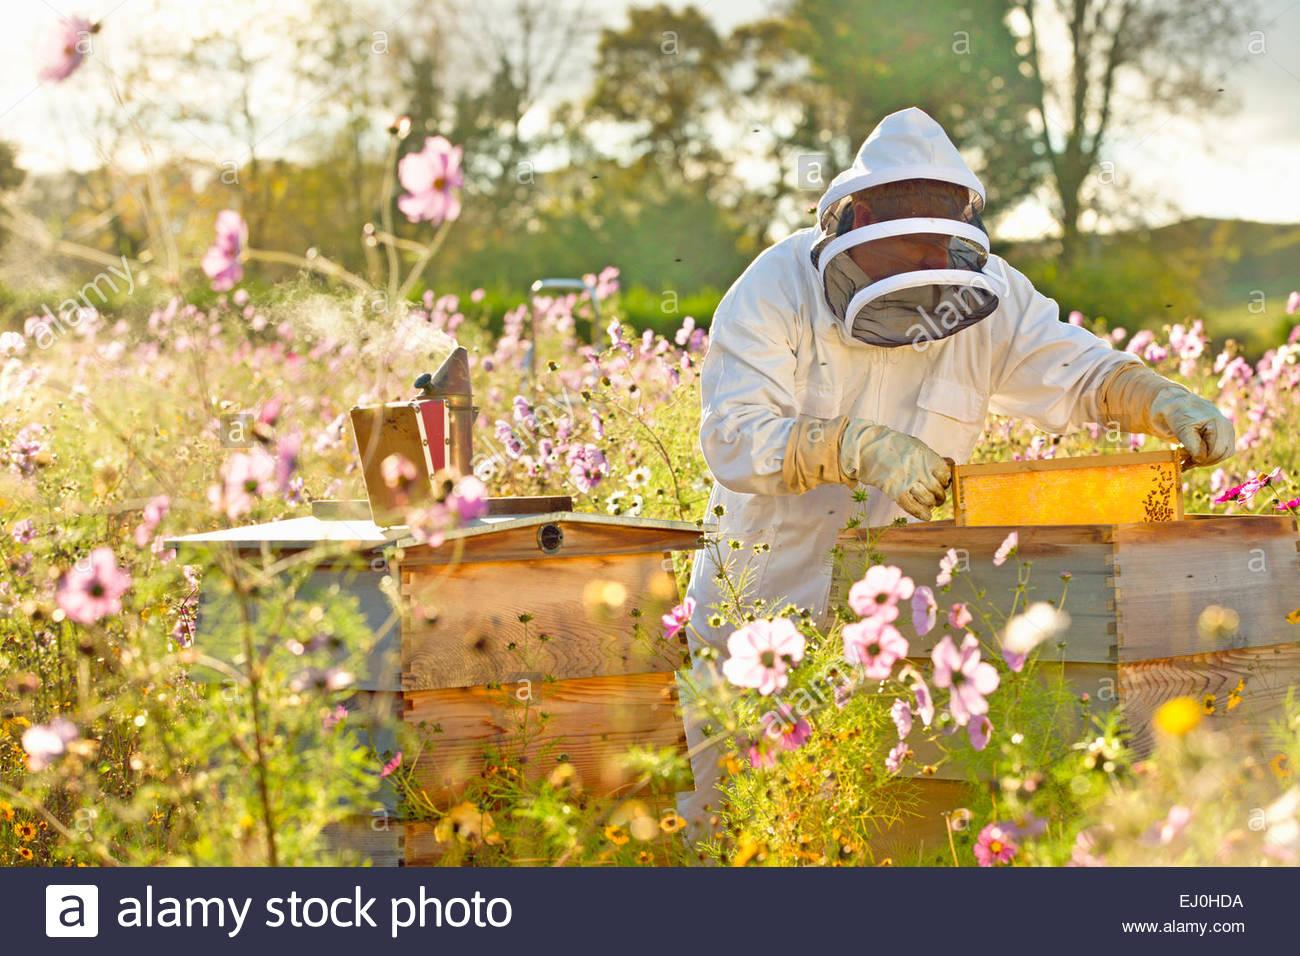 Dépose du cadre de ruche apiculteur dans la zone pleine de fleurs Photo Stock